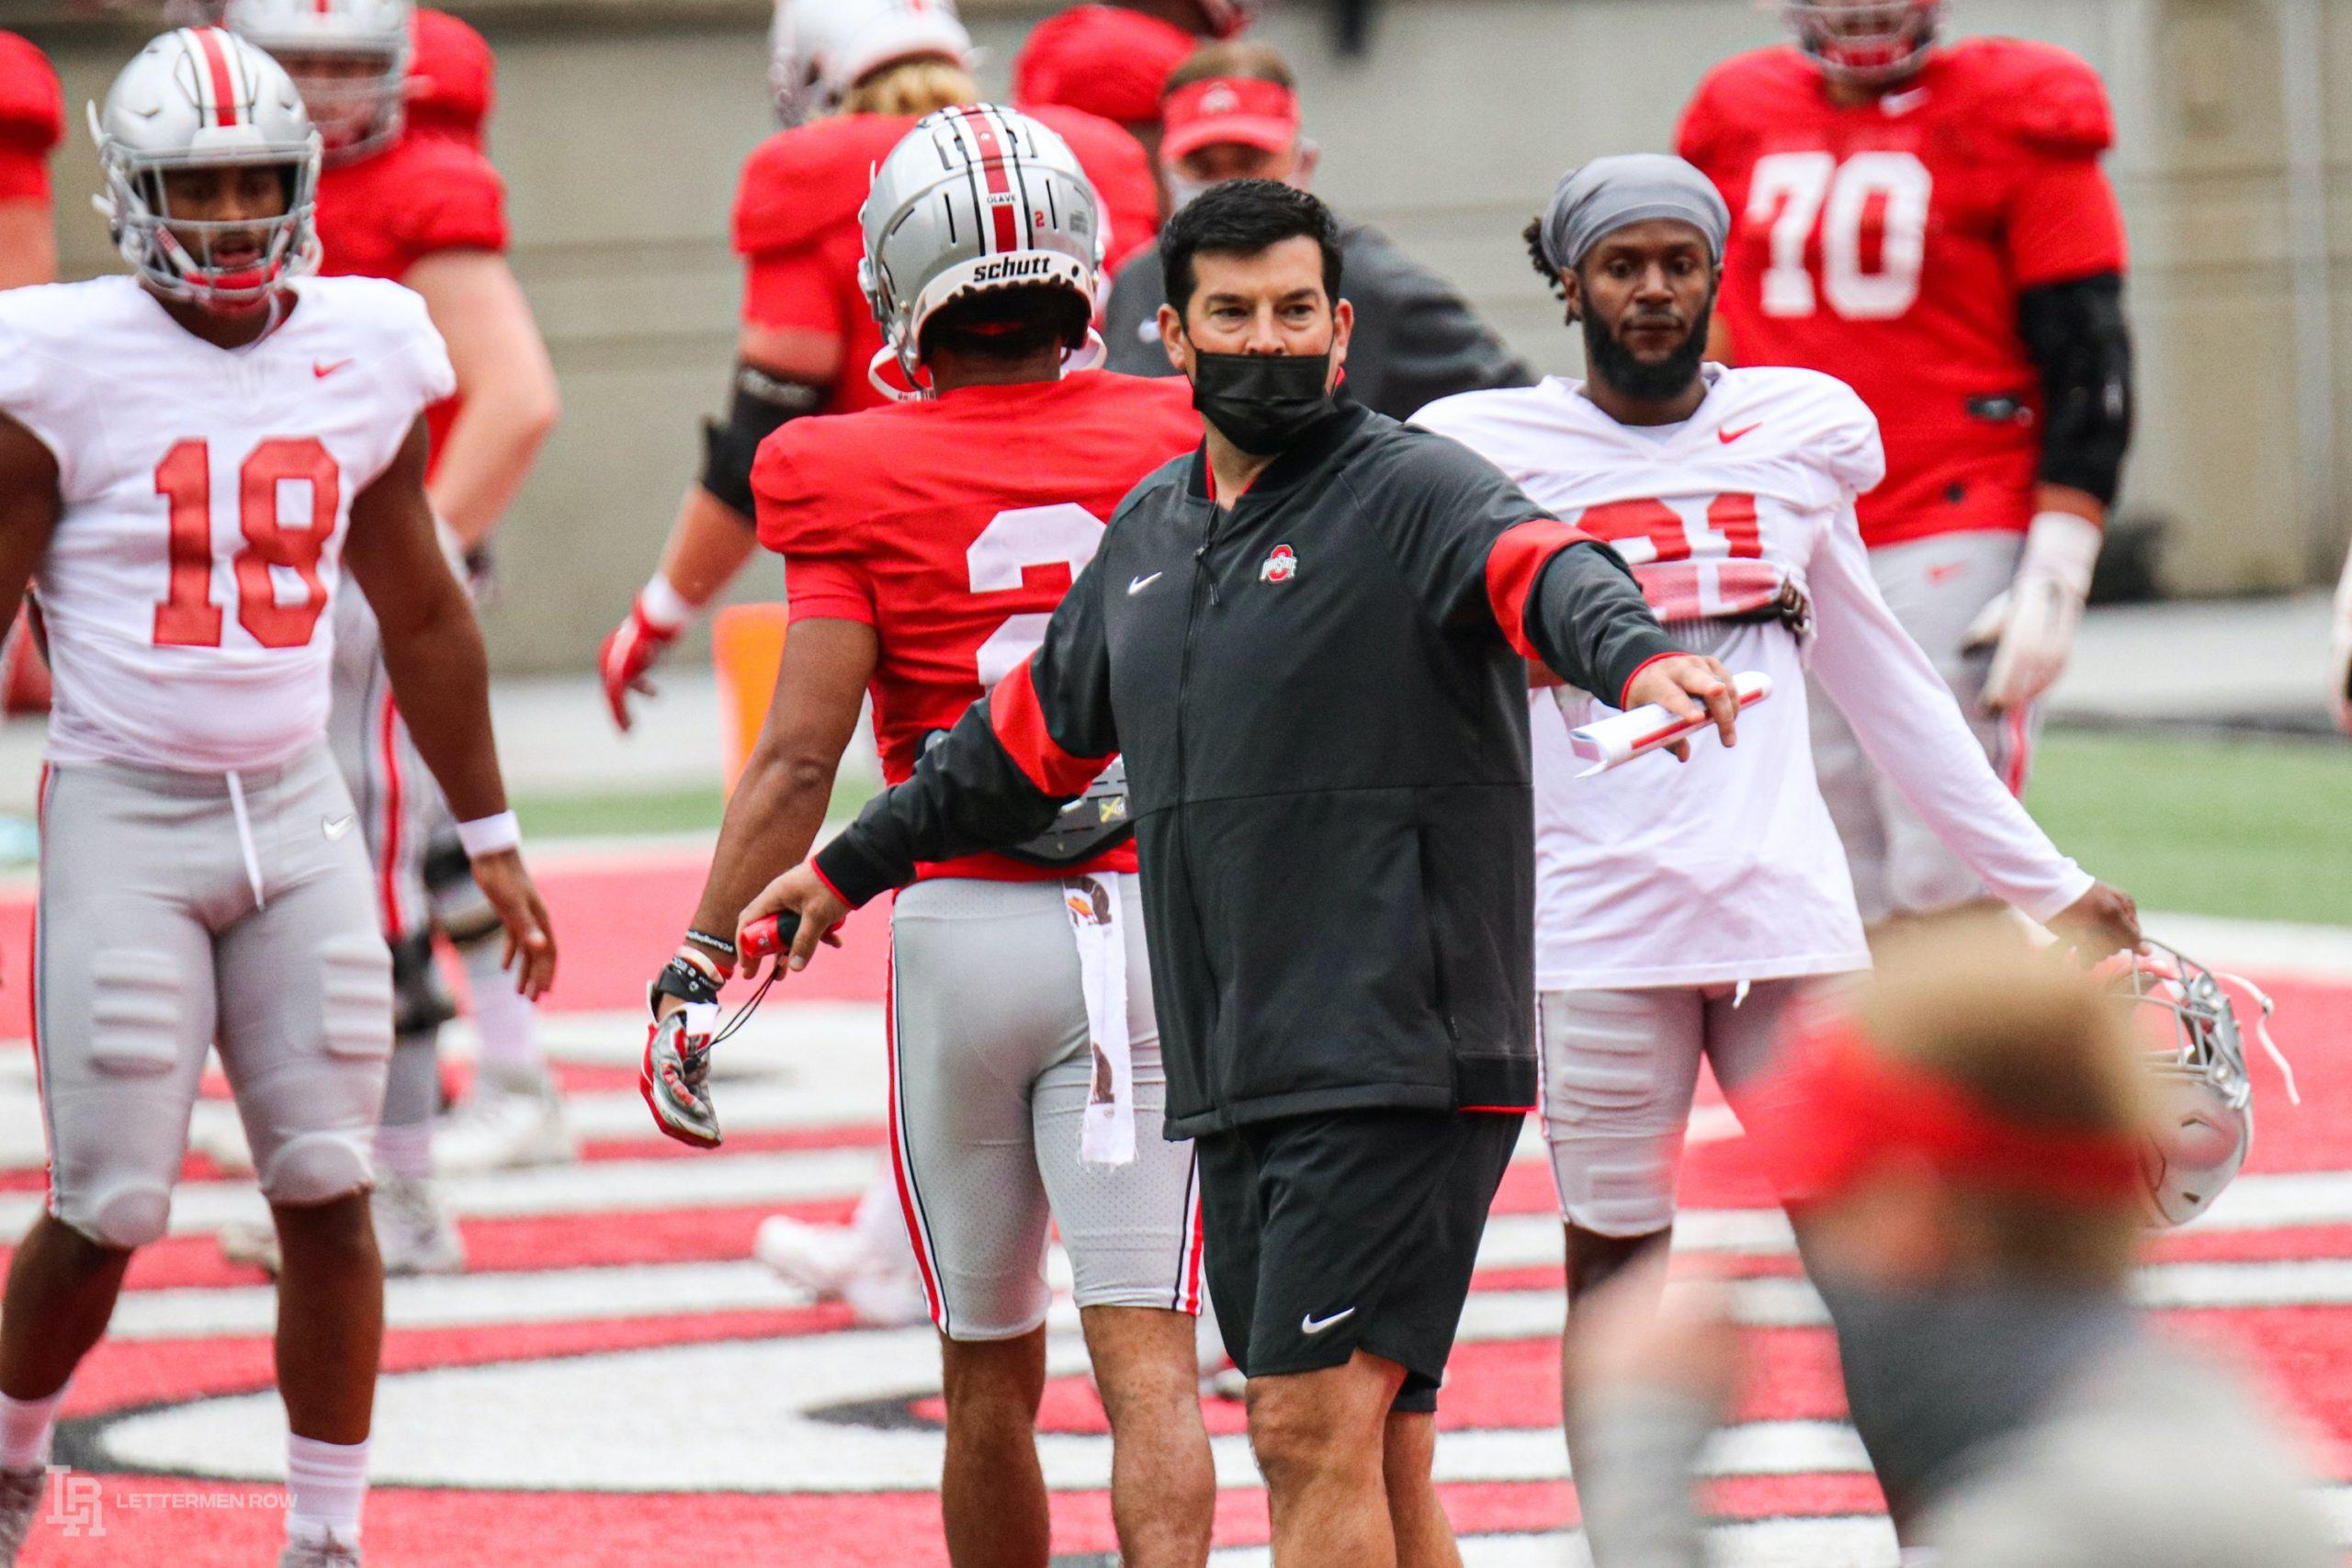 Ohio State-Ryan Day-Buckeyes-Ohio State football-buckeyes recruiting-ohio state football recruiting